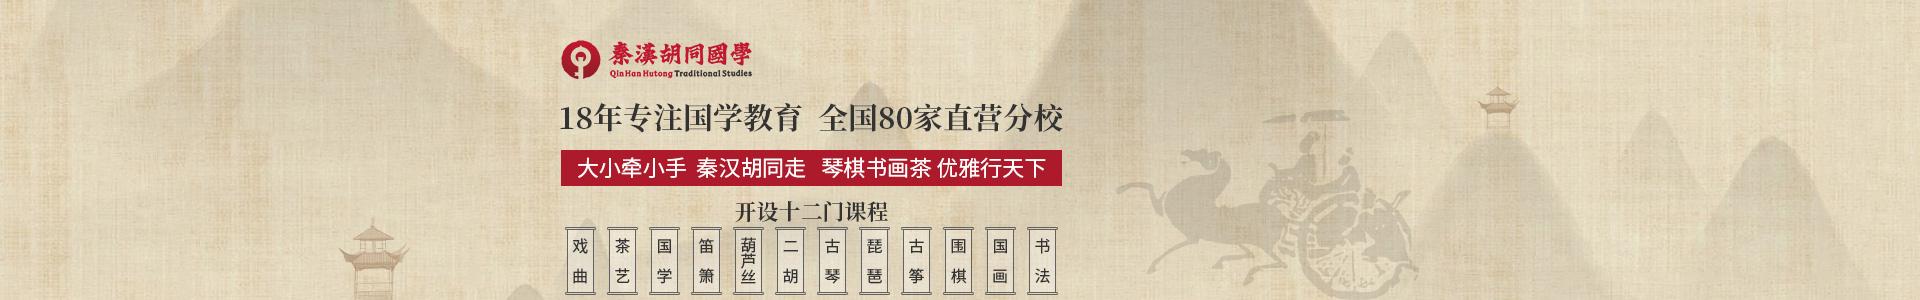 合肥秦漢胡同國學書院